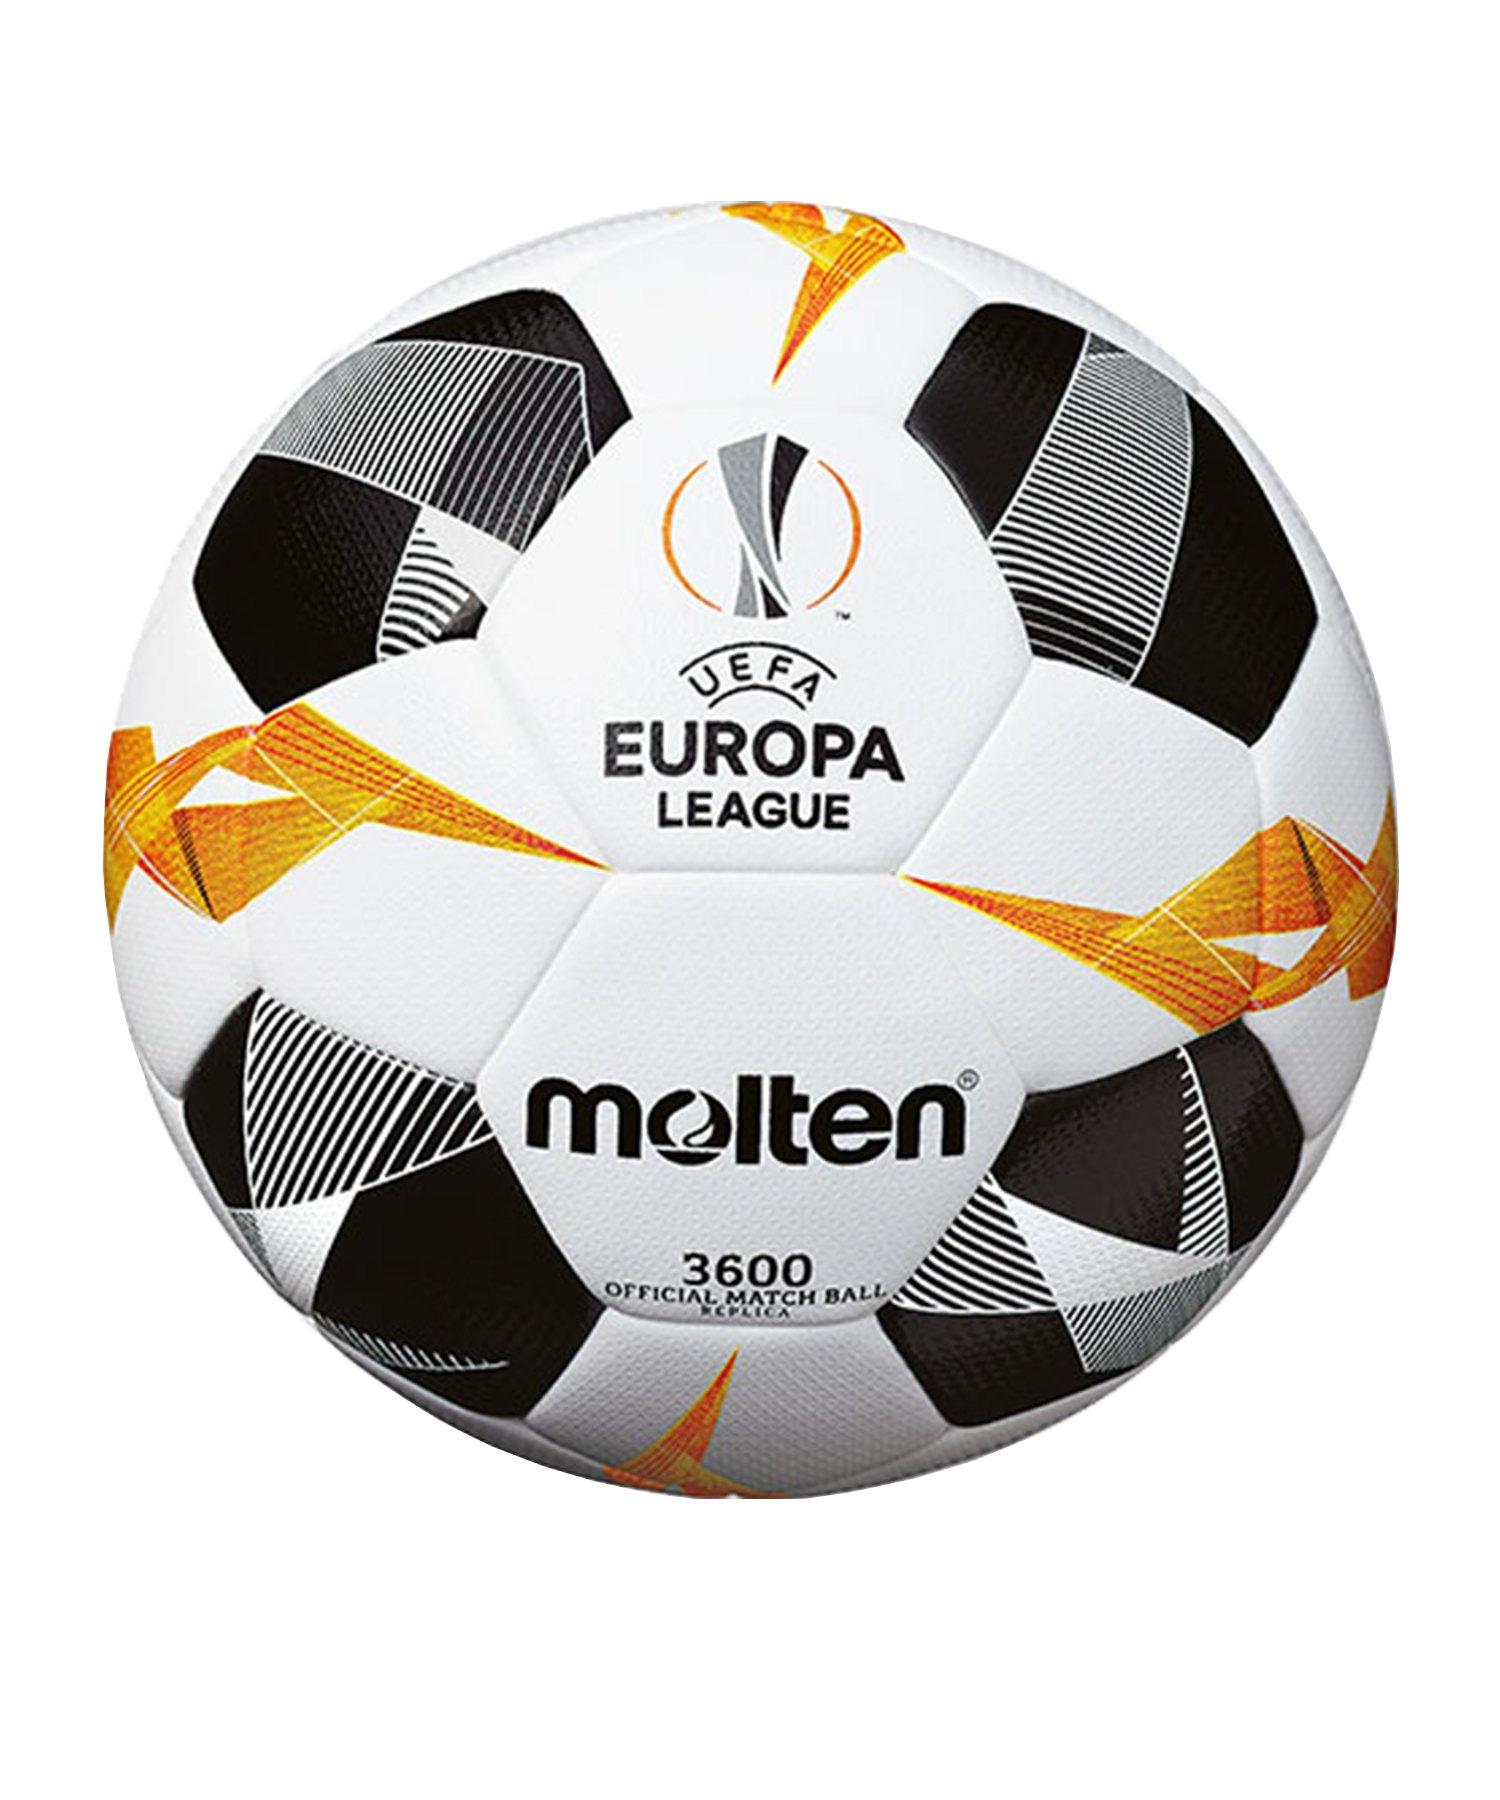 Molten Europa League Ball Replika 19/20 Weiss - weiss